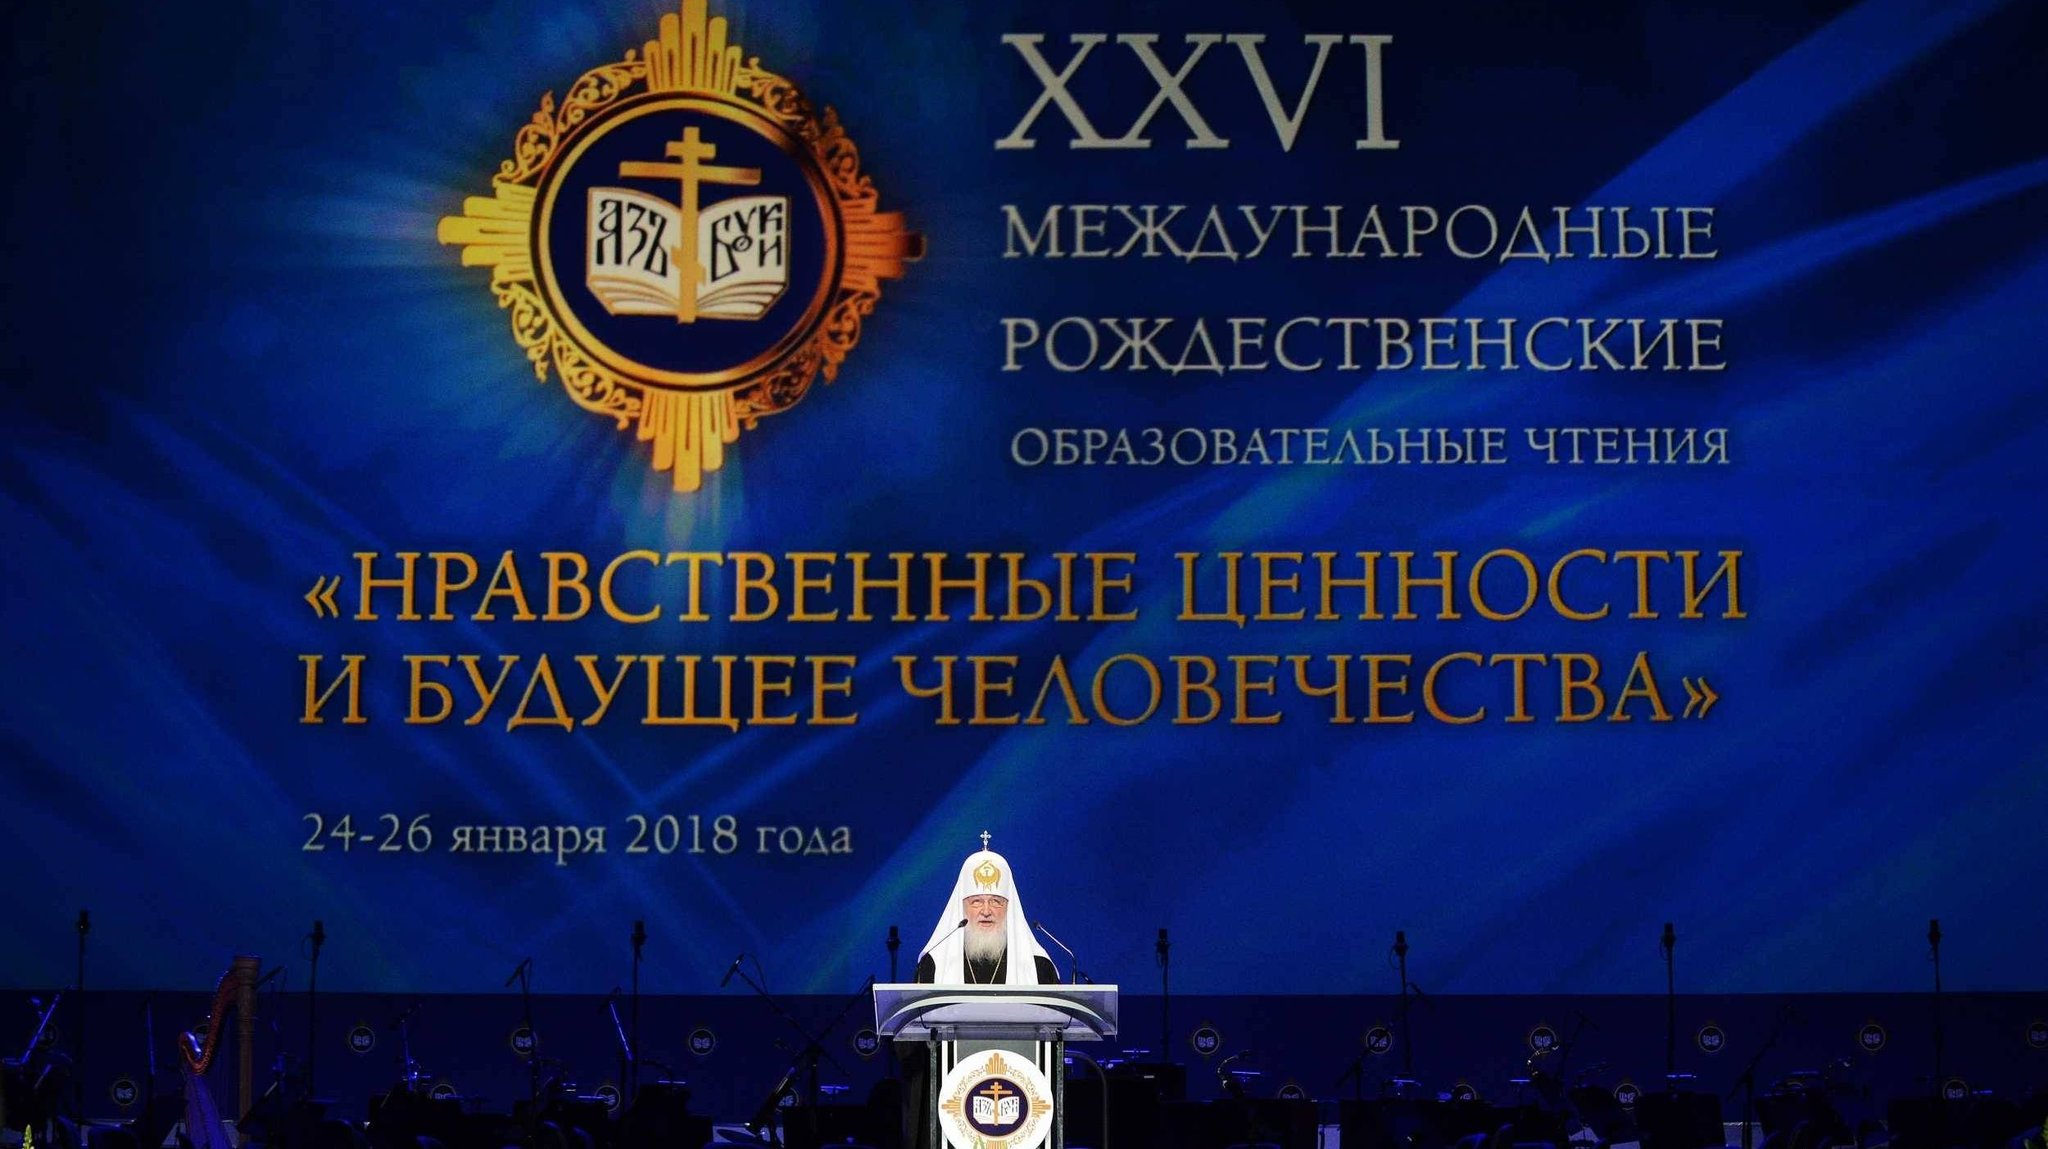 XXVI Международные Рождественские образовательные чтения [patriarchia.ru]